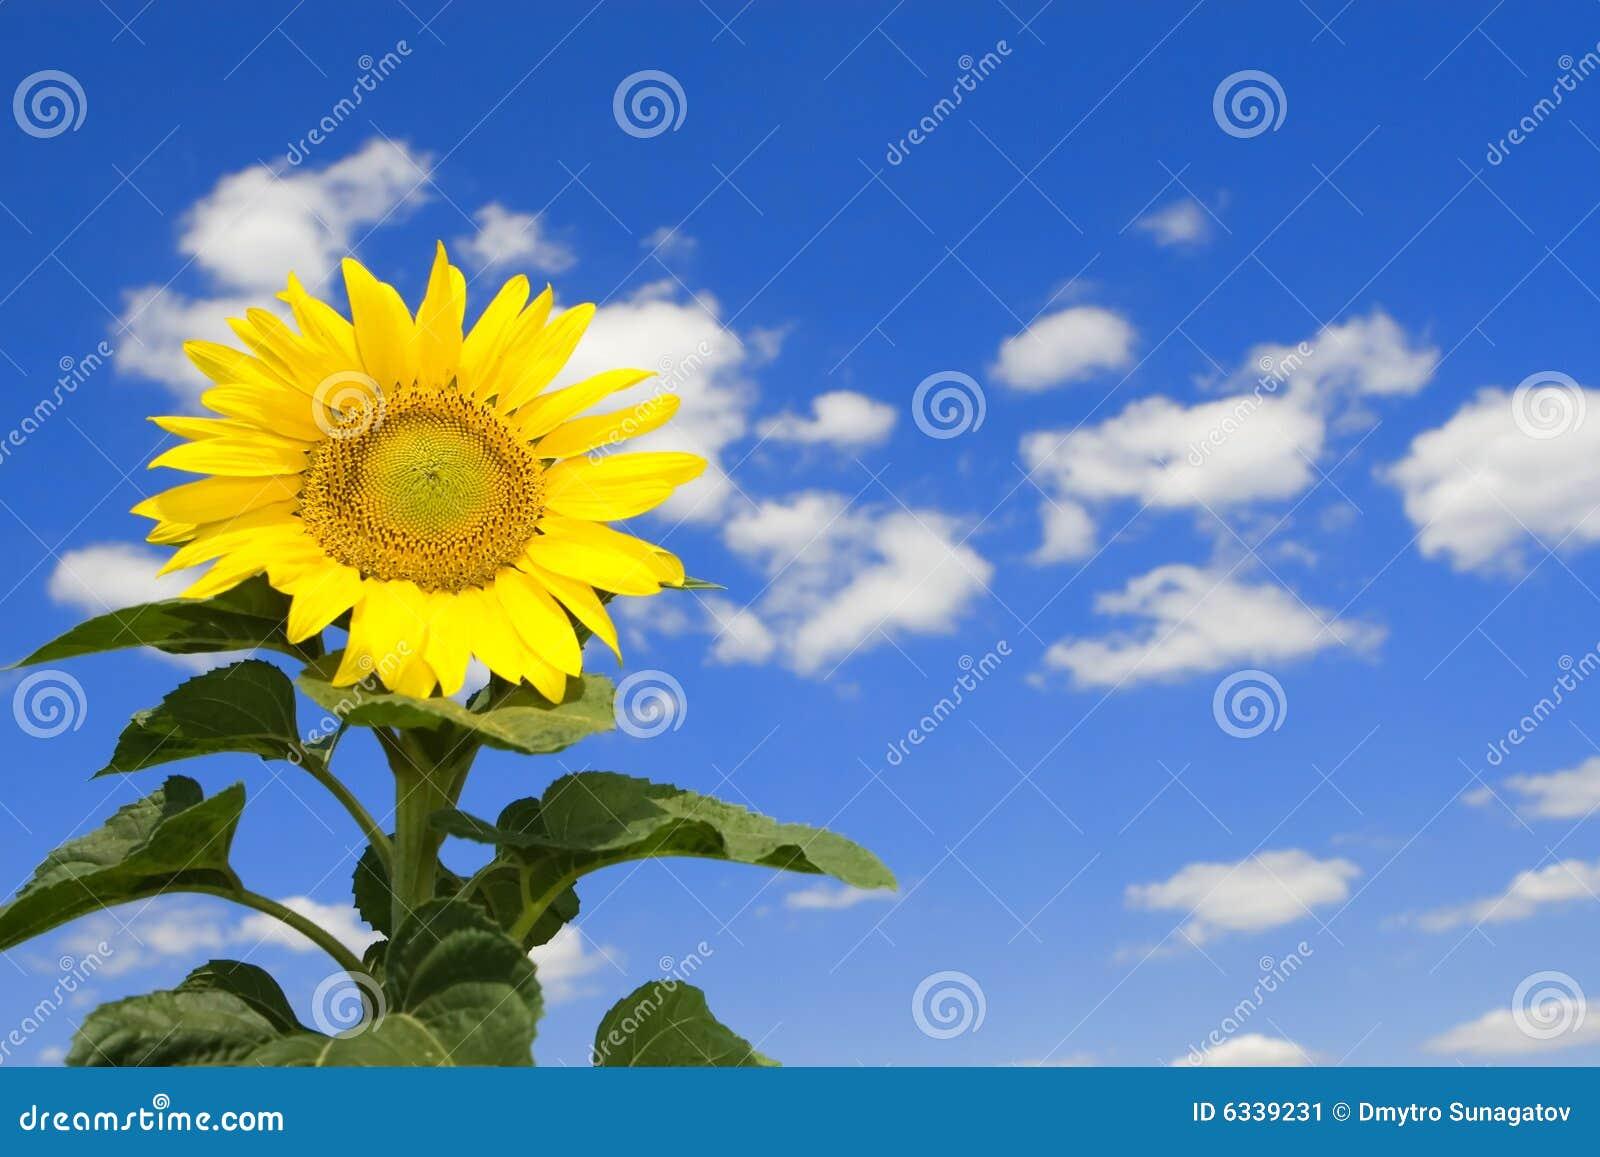 Amazing Sunflower And Blue Sky Stock Image - Image: 6339231